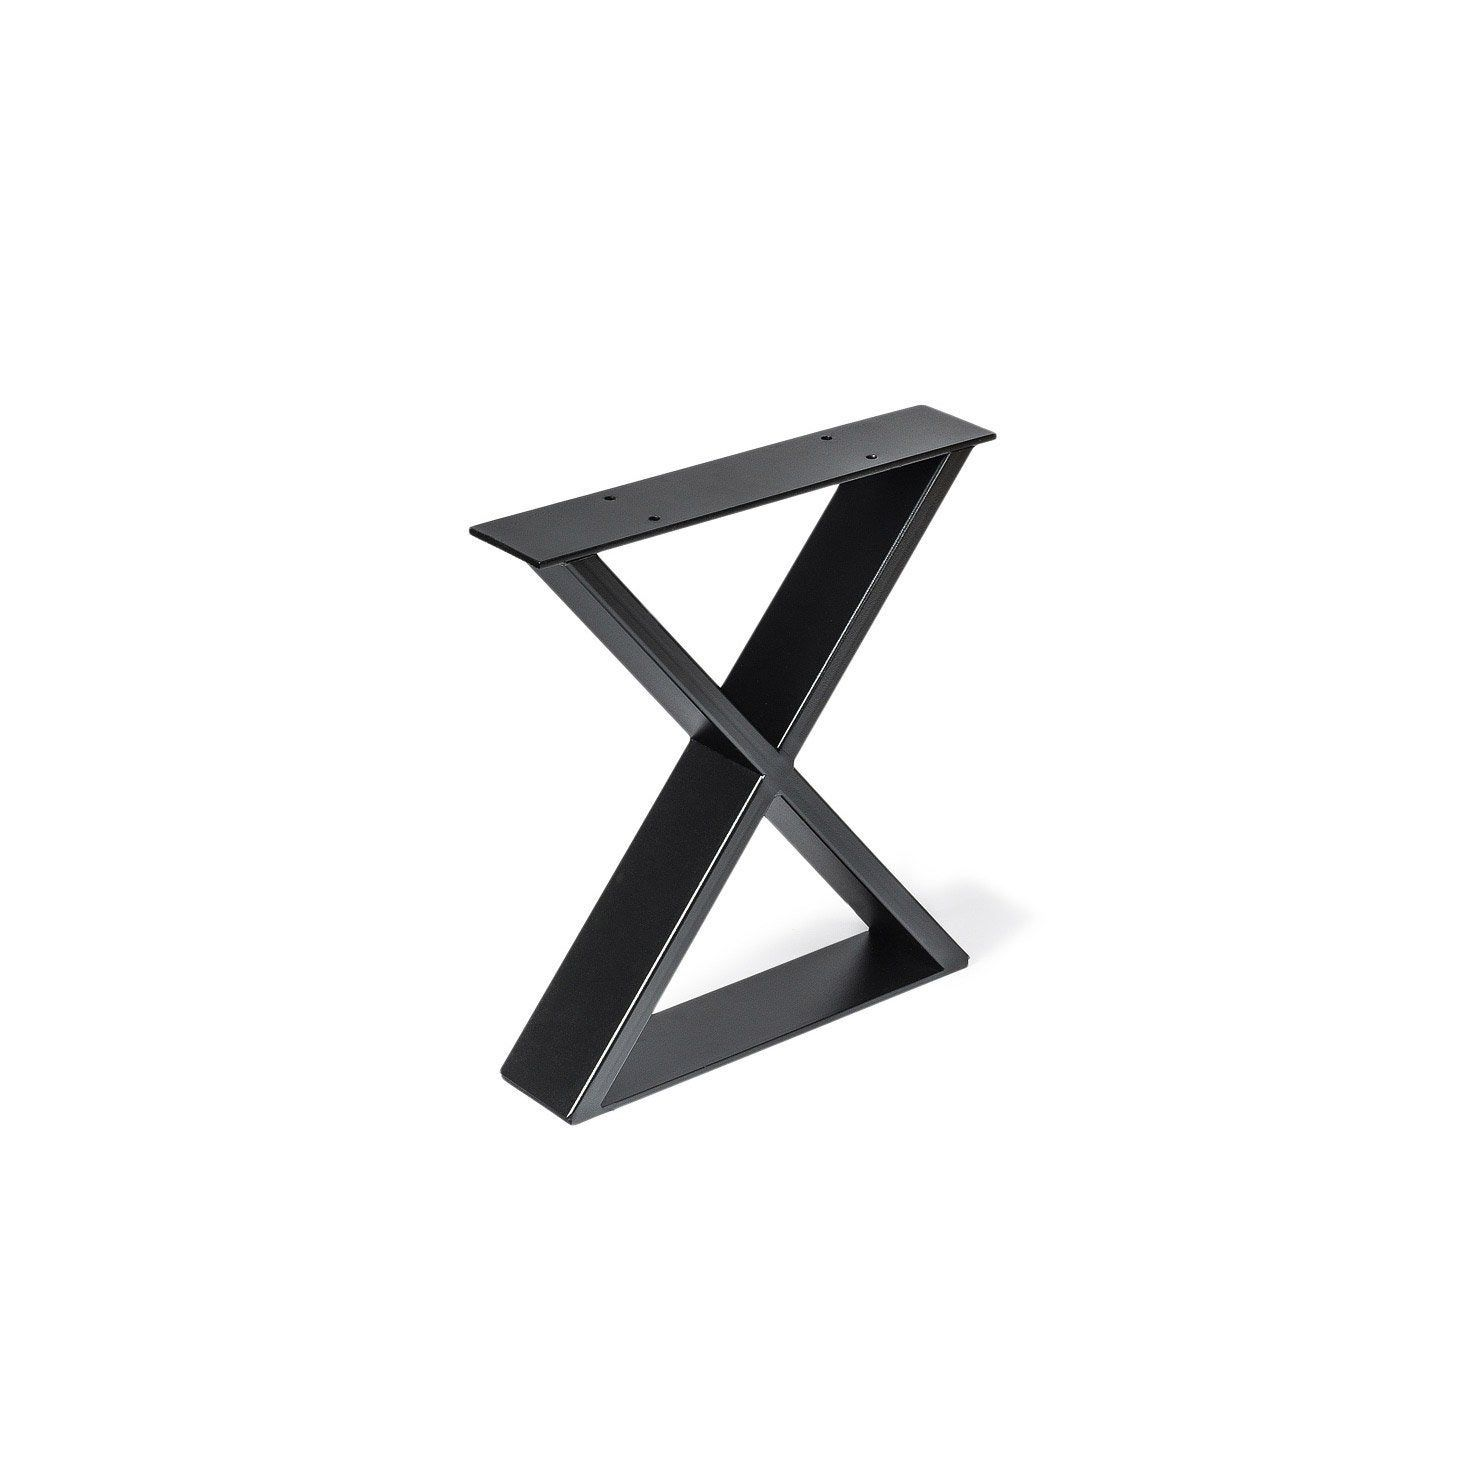 Pied De Meuble Design Fixe Metal Brut Noir 1 Cm Rei Pied Meuble Meuble Design Brut